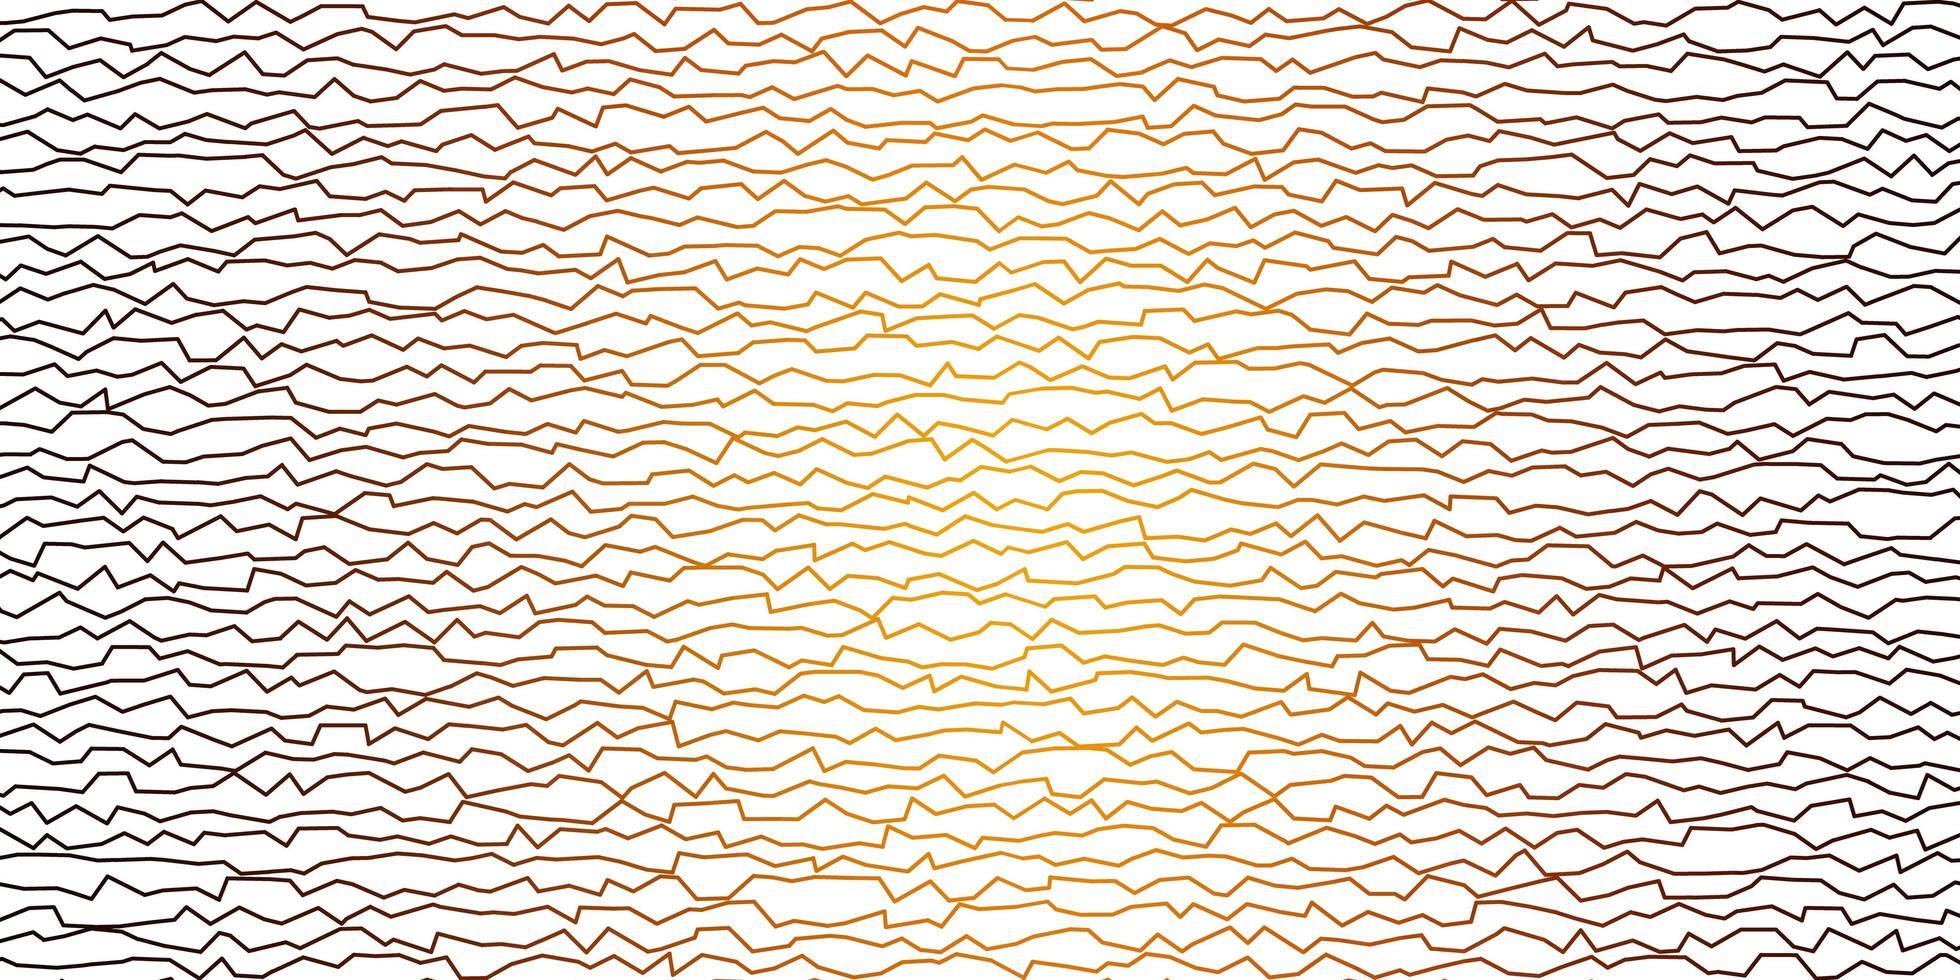 donkeroranje vectorpatroon met gebogen lijnen. vector